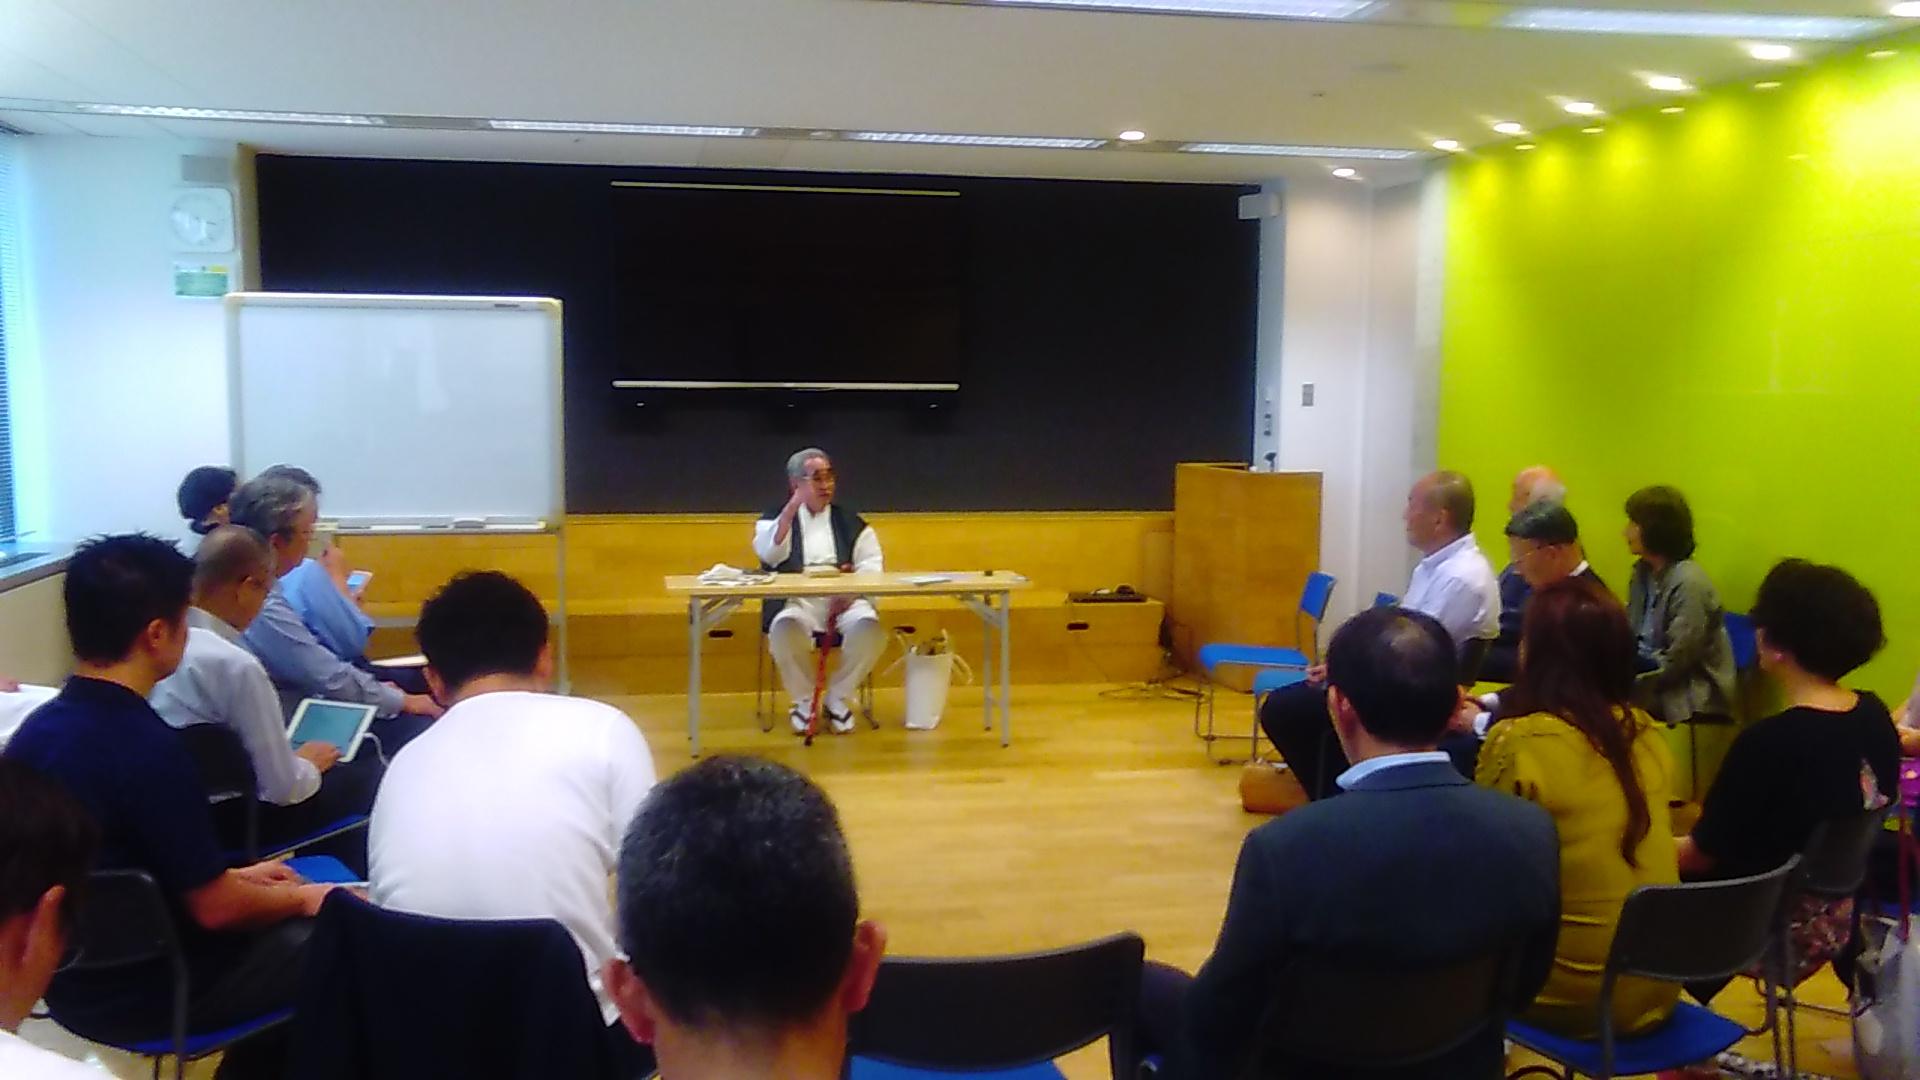 KIMG1395 - 第5回東京思風塾「使命を見つけ出すための6つの問いとは」をテーマに開催